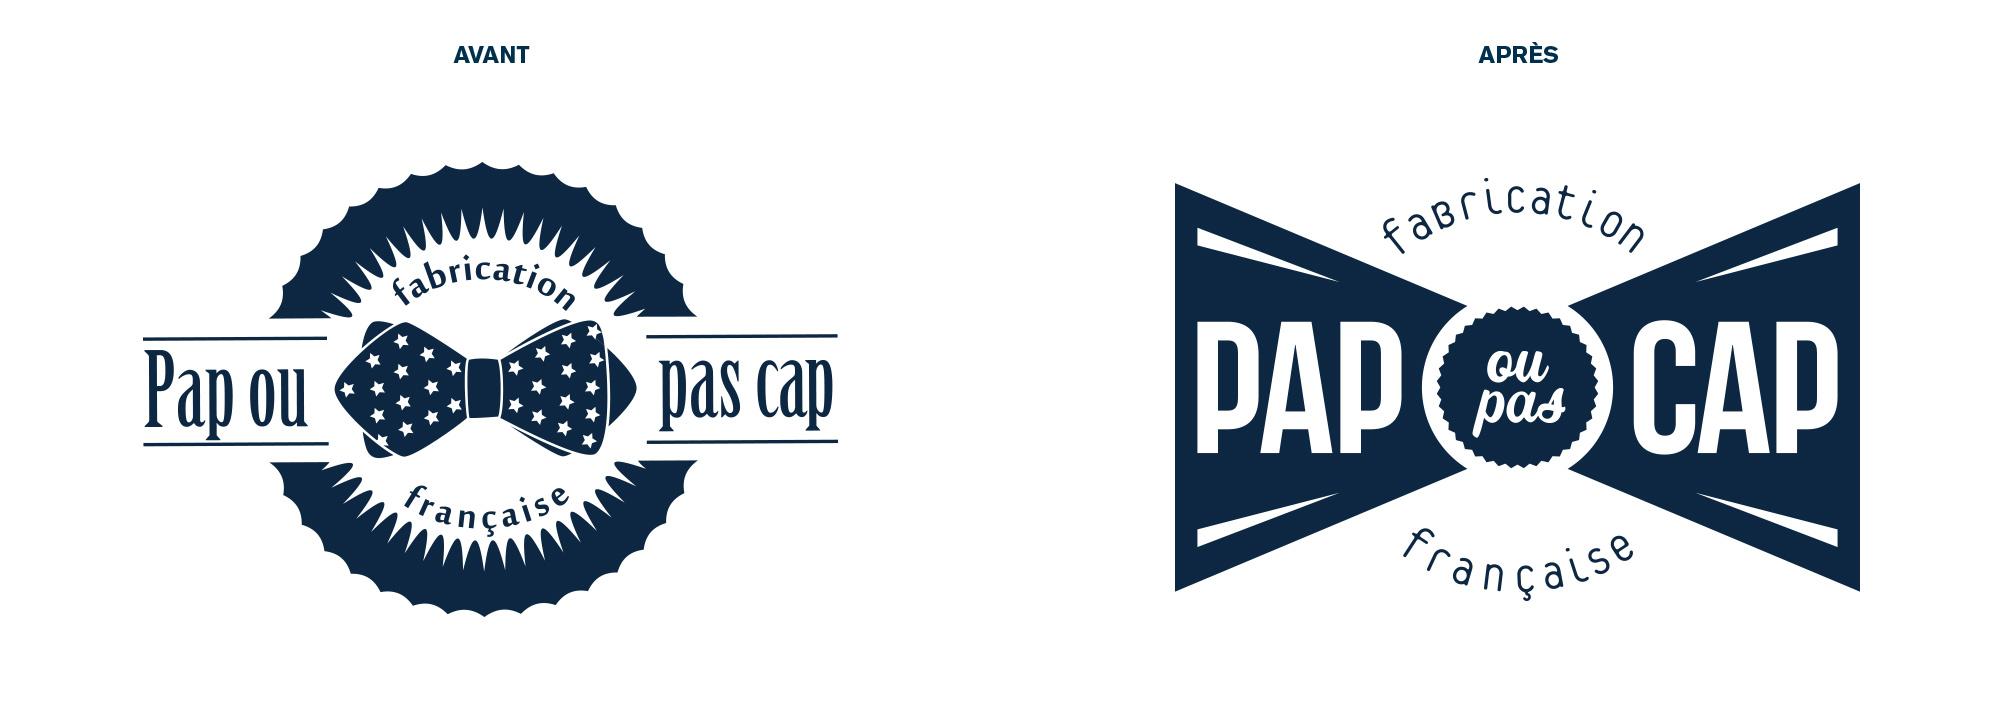 refonte de logotype PAP OU PAS CAP